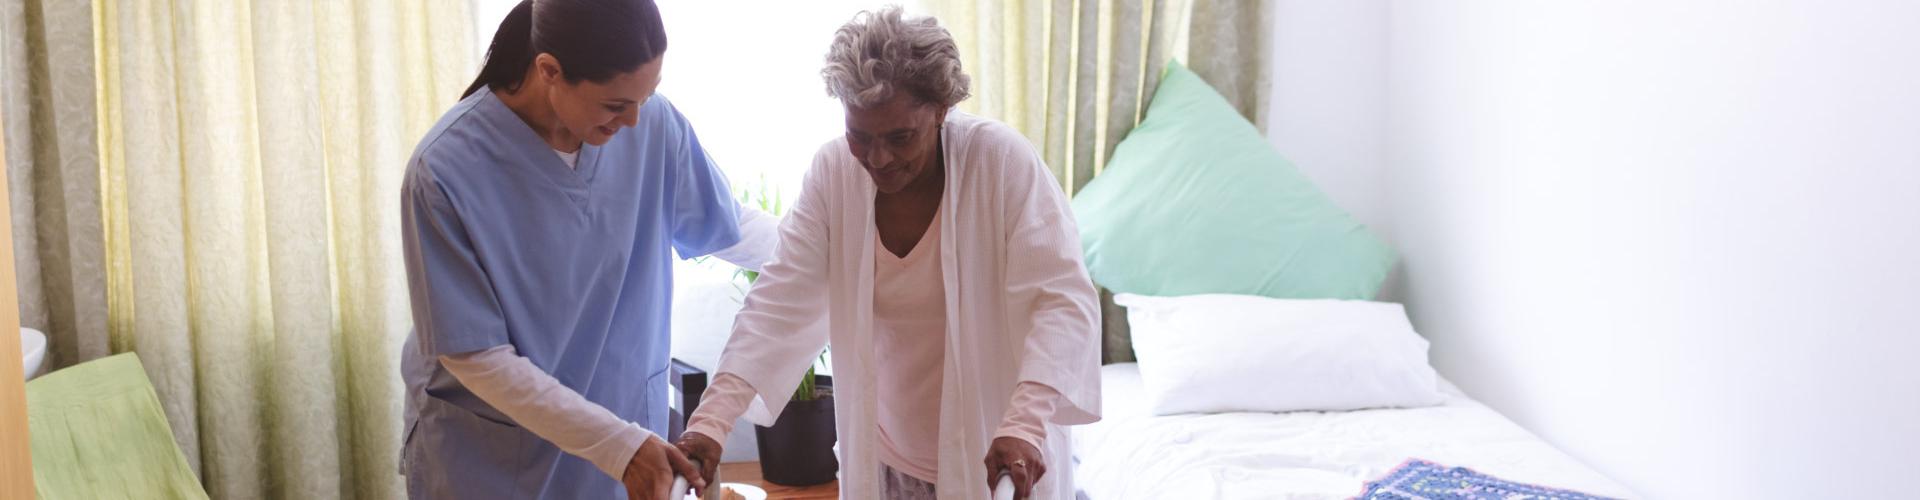 nurse with senior woman